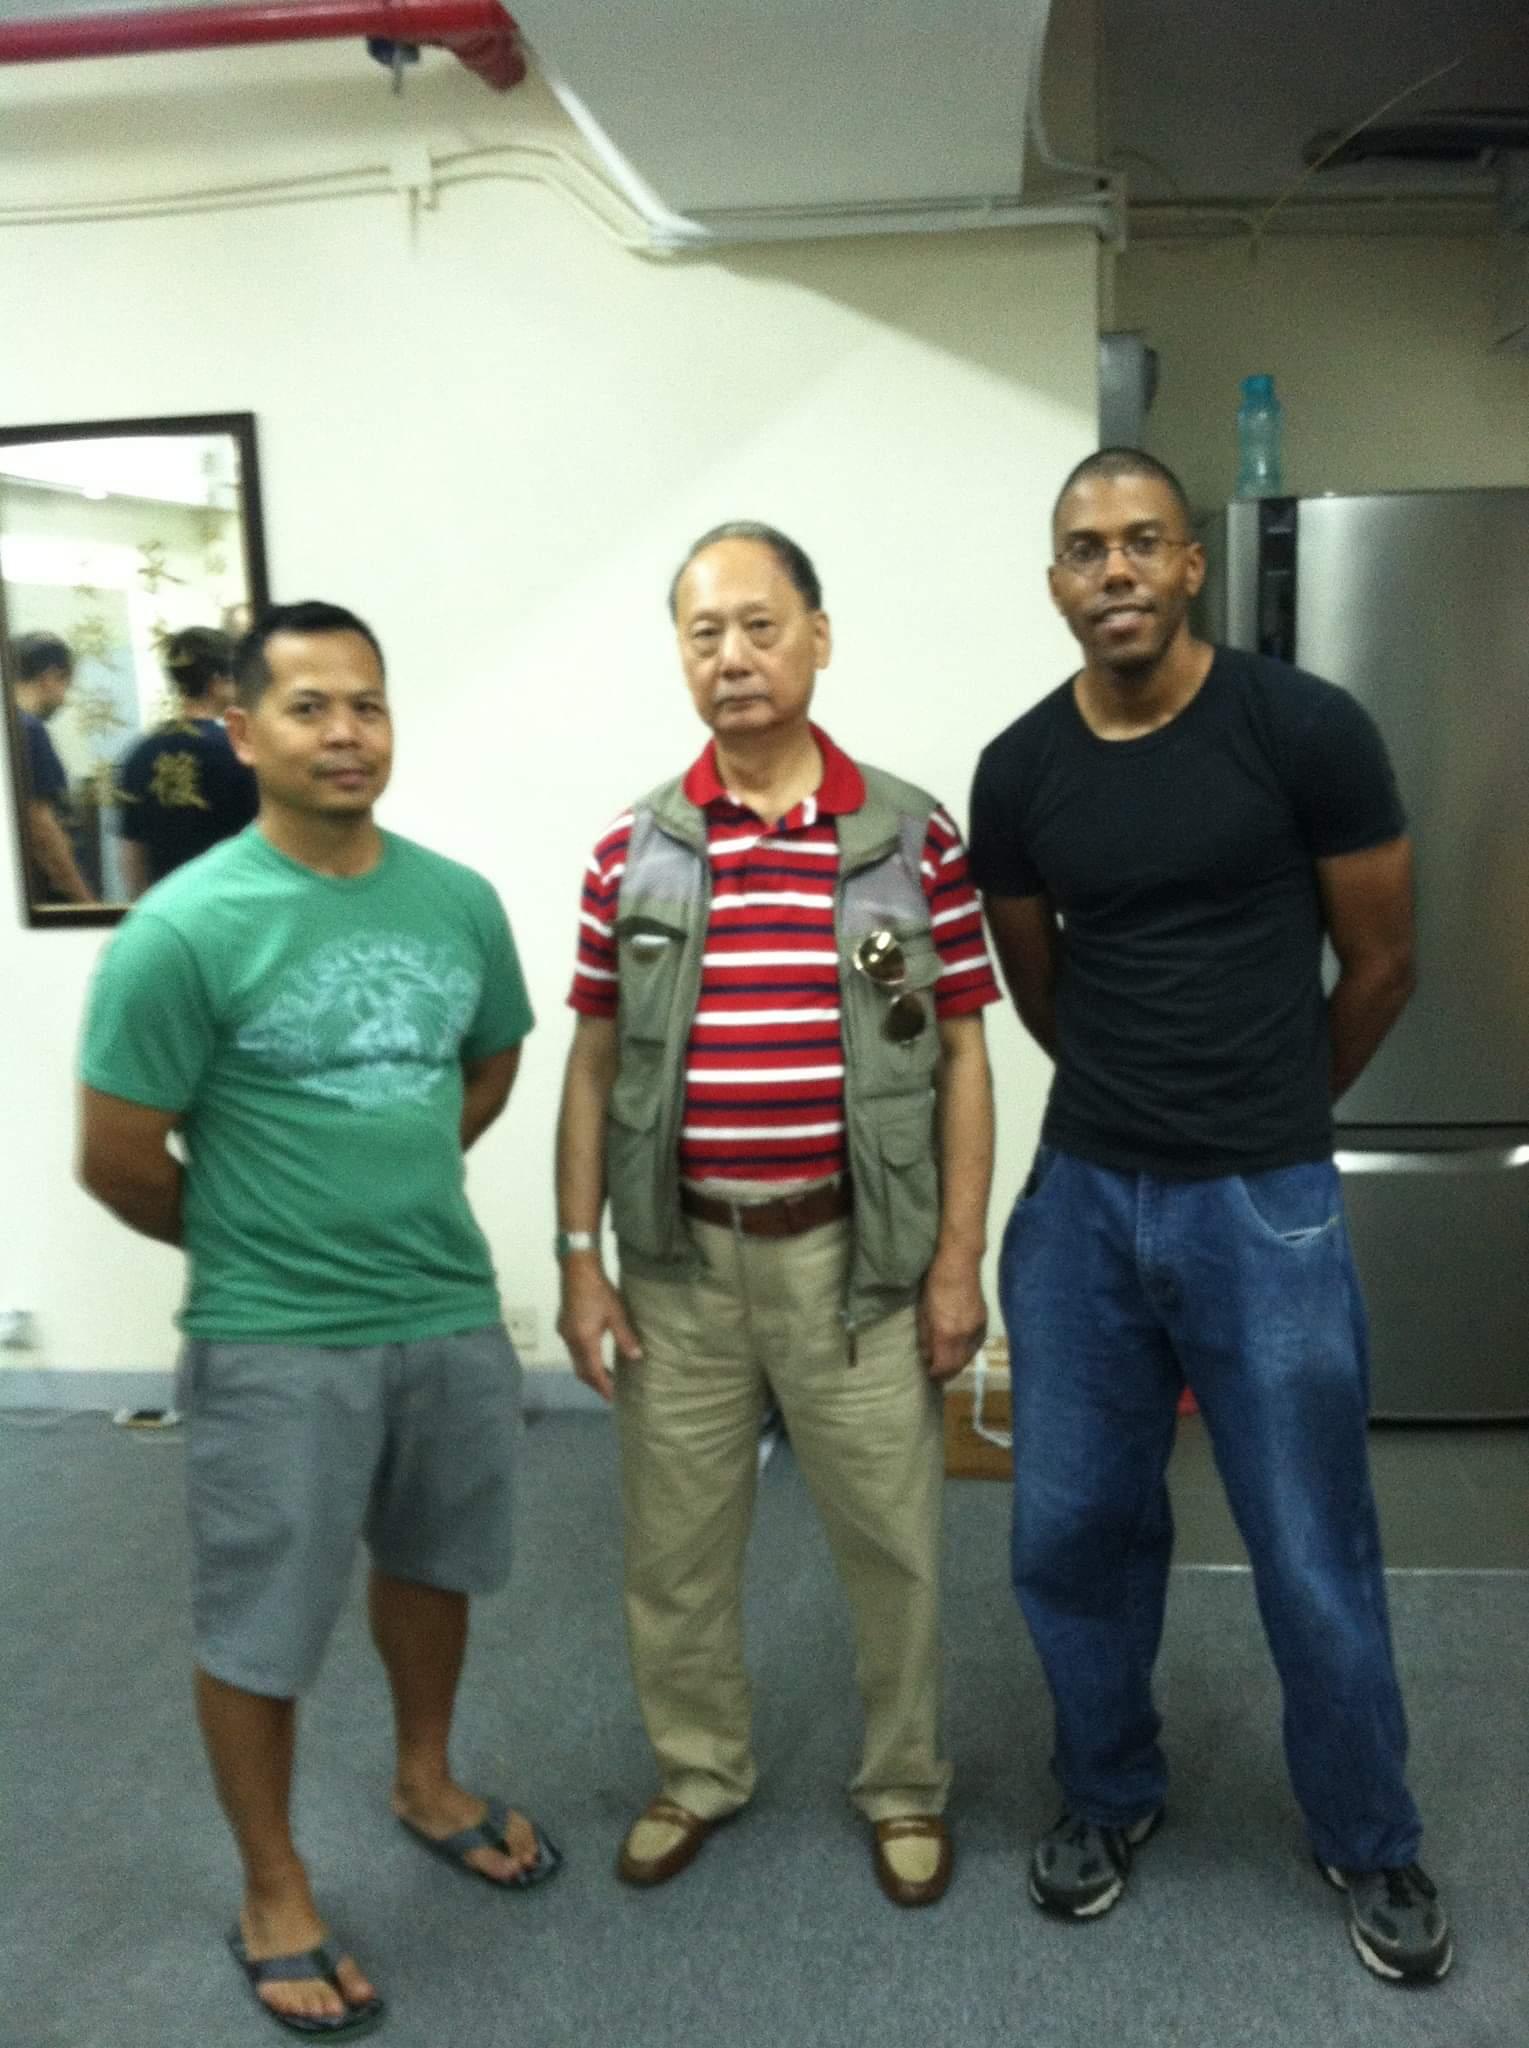 With Sigung Duncan Leung and Sifu Don Presto